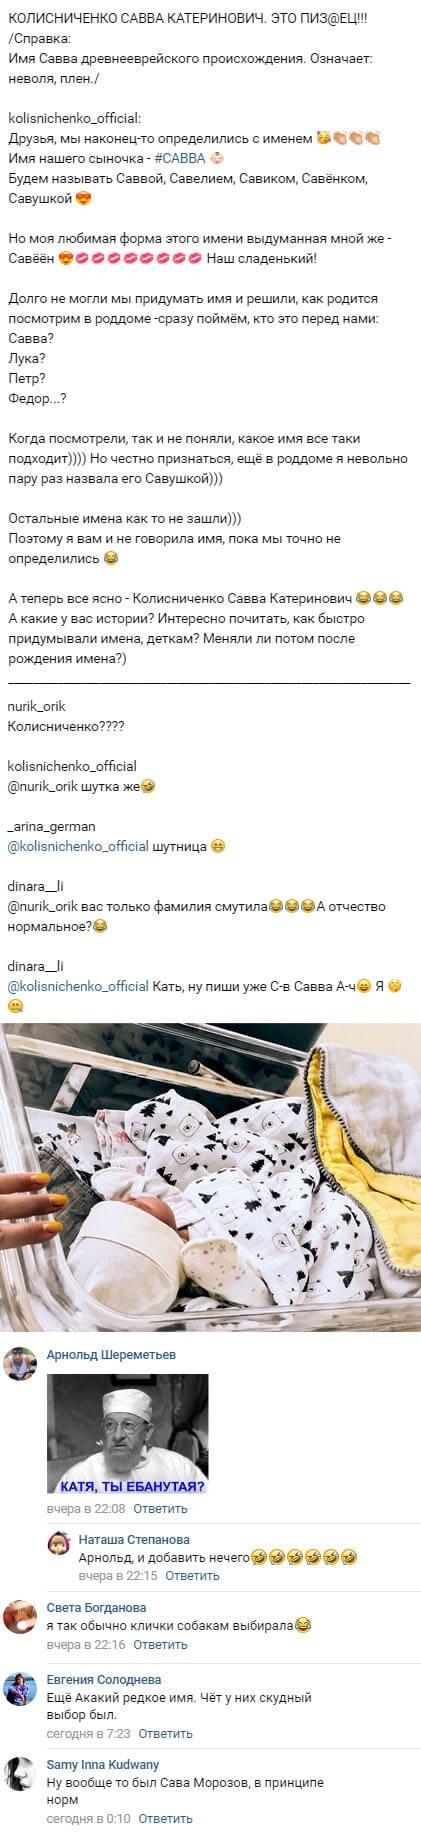 Екатерина Колисниченко раскрыла имя новорожденного сына